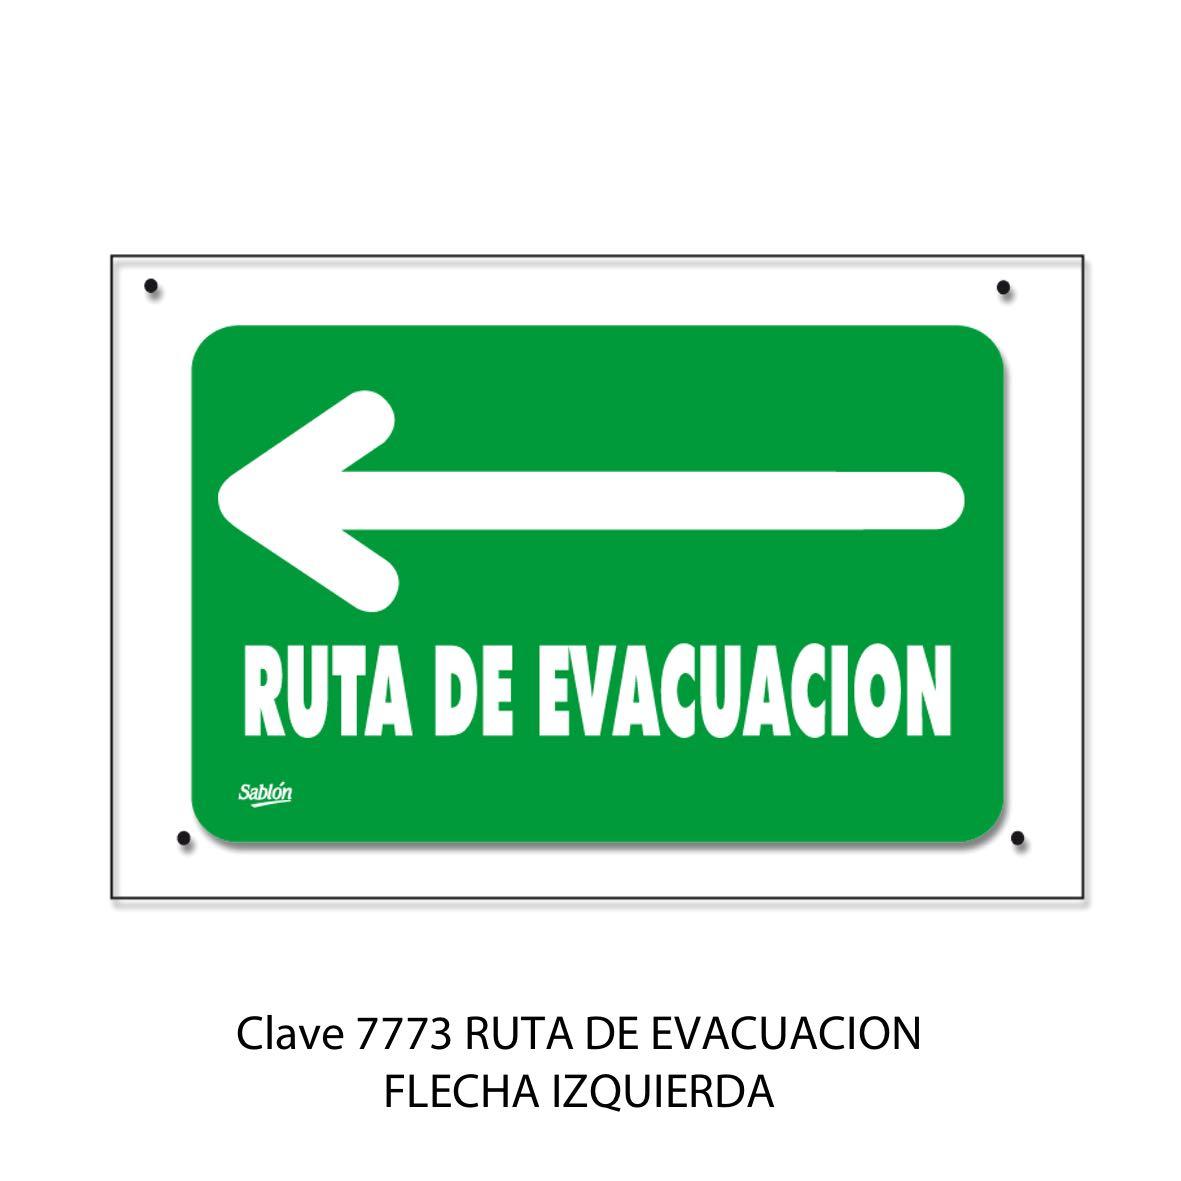 Señal Ruta de Evacuación Flecha hacia la Izquierda Modelo 7773 - Sablón